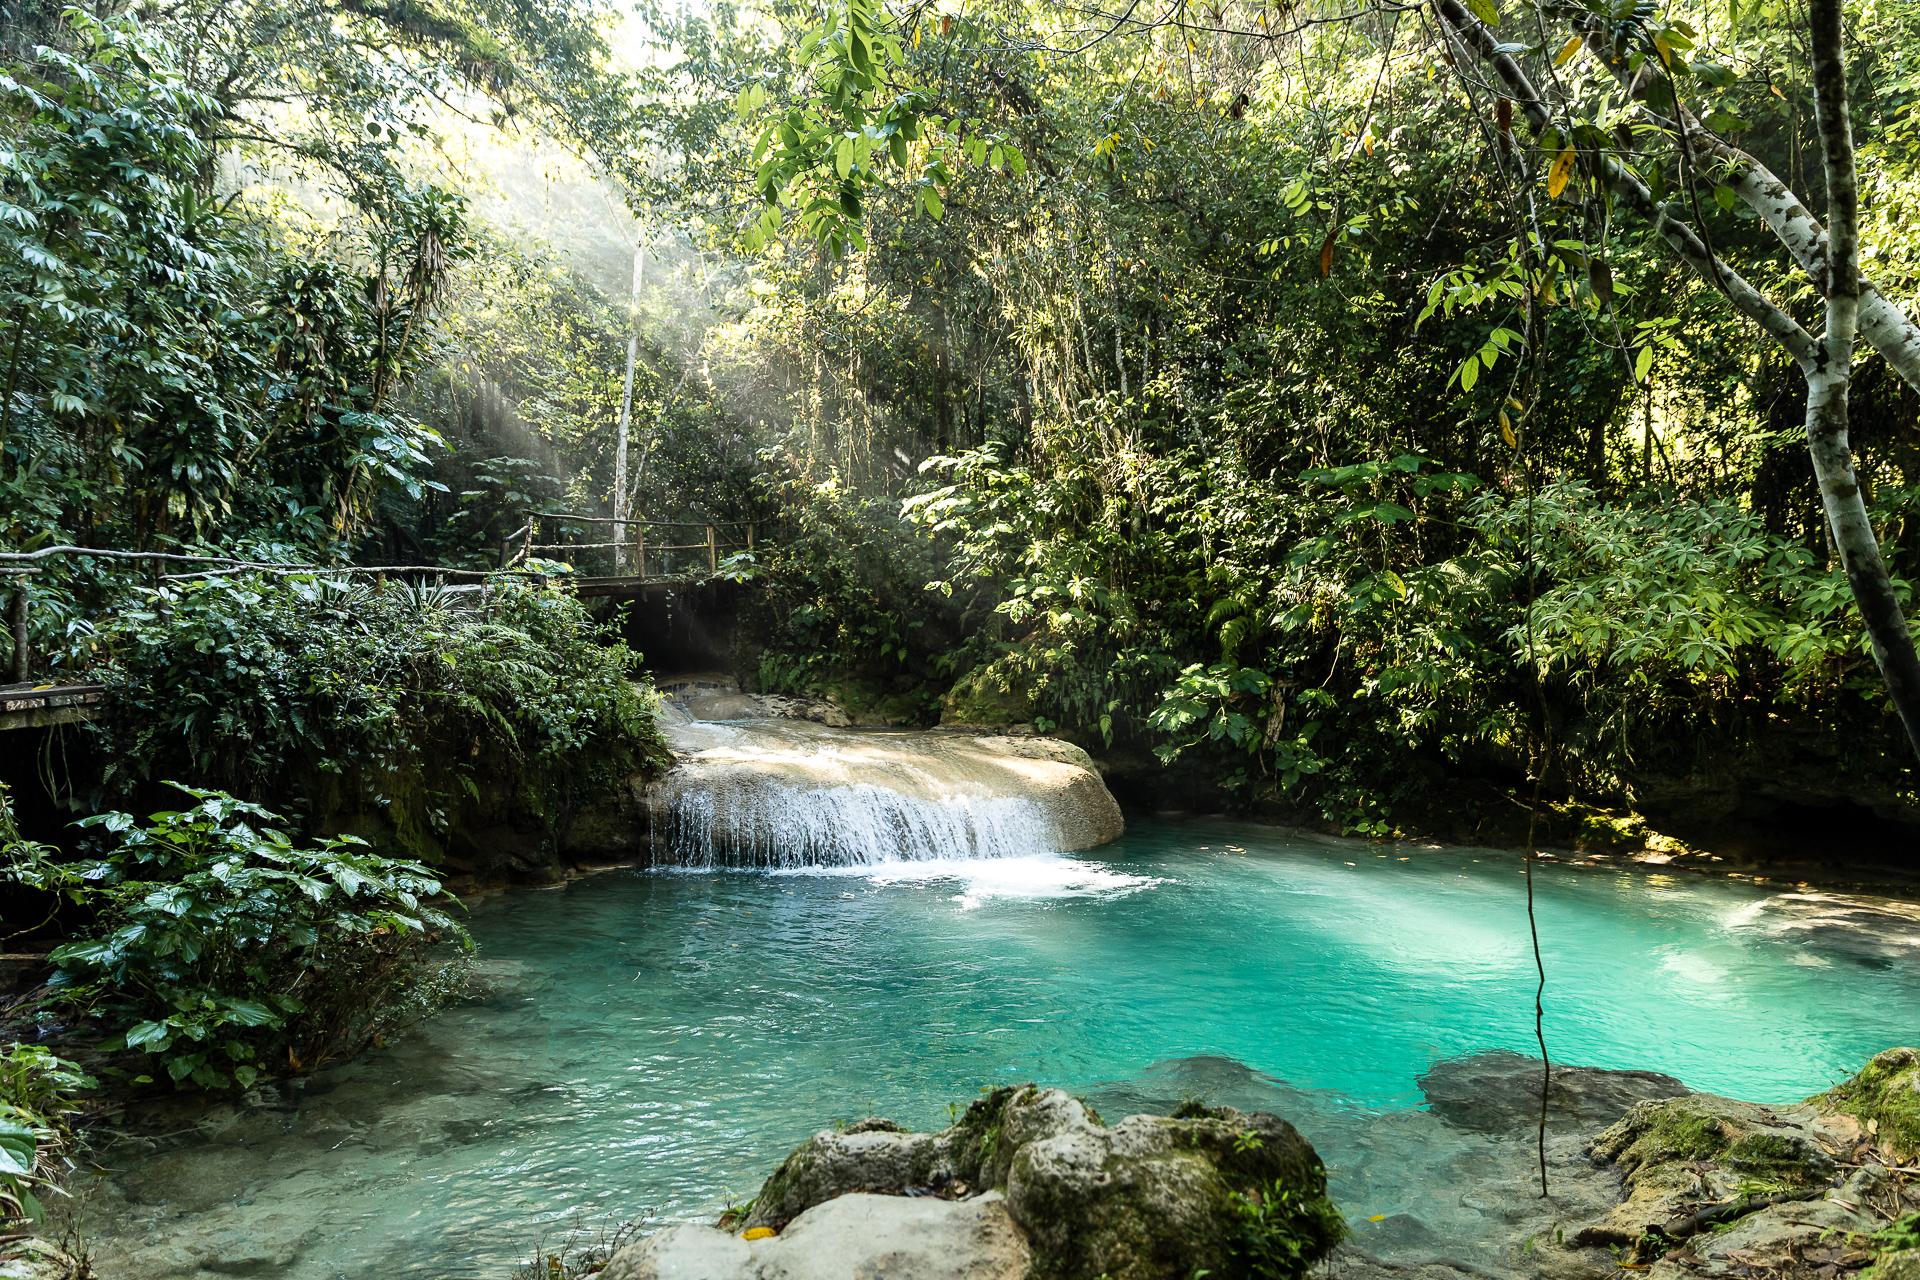 Bild: Ein Tagesausflug zum El Nicho Wasserfall und Naturpools in der Nähe von Cienfuegos Kuba